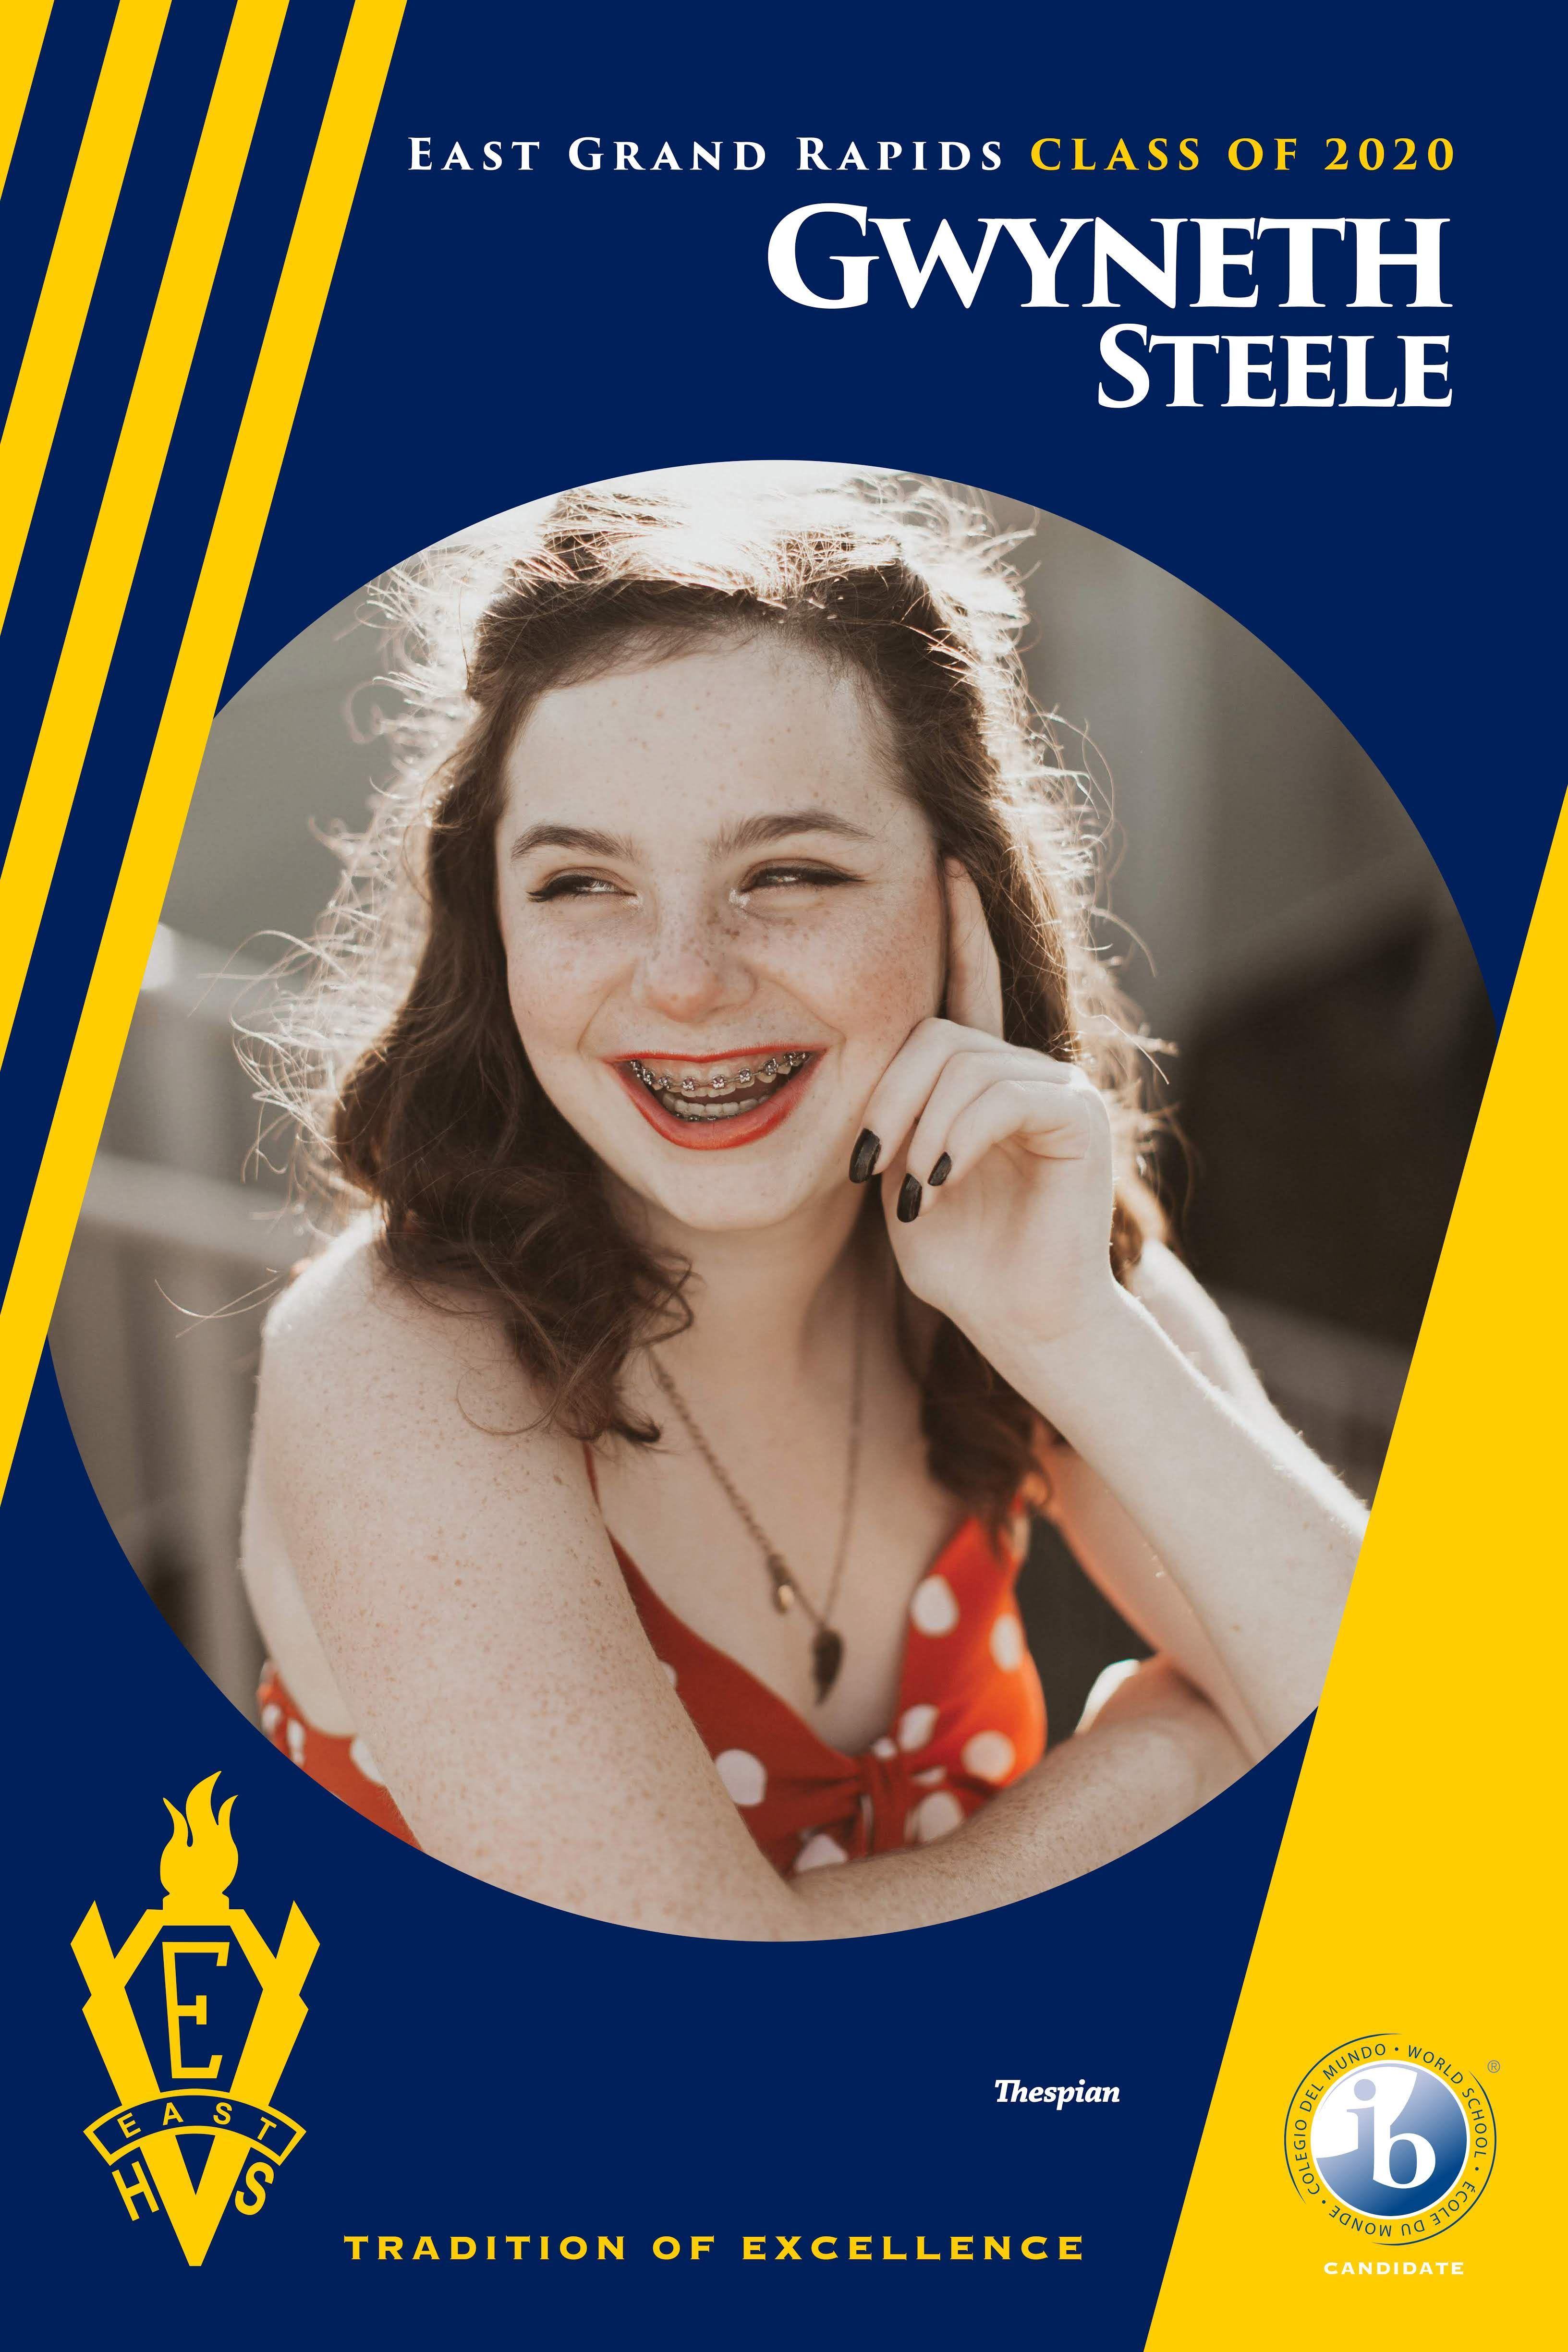 Gwen Steele